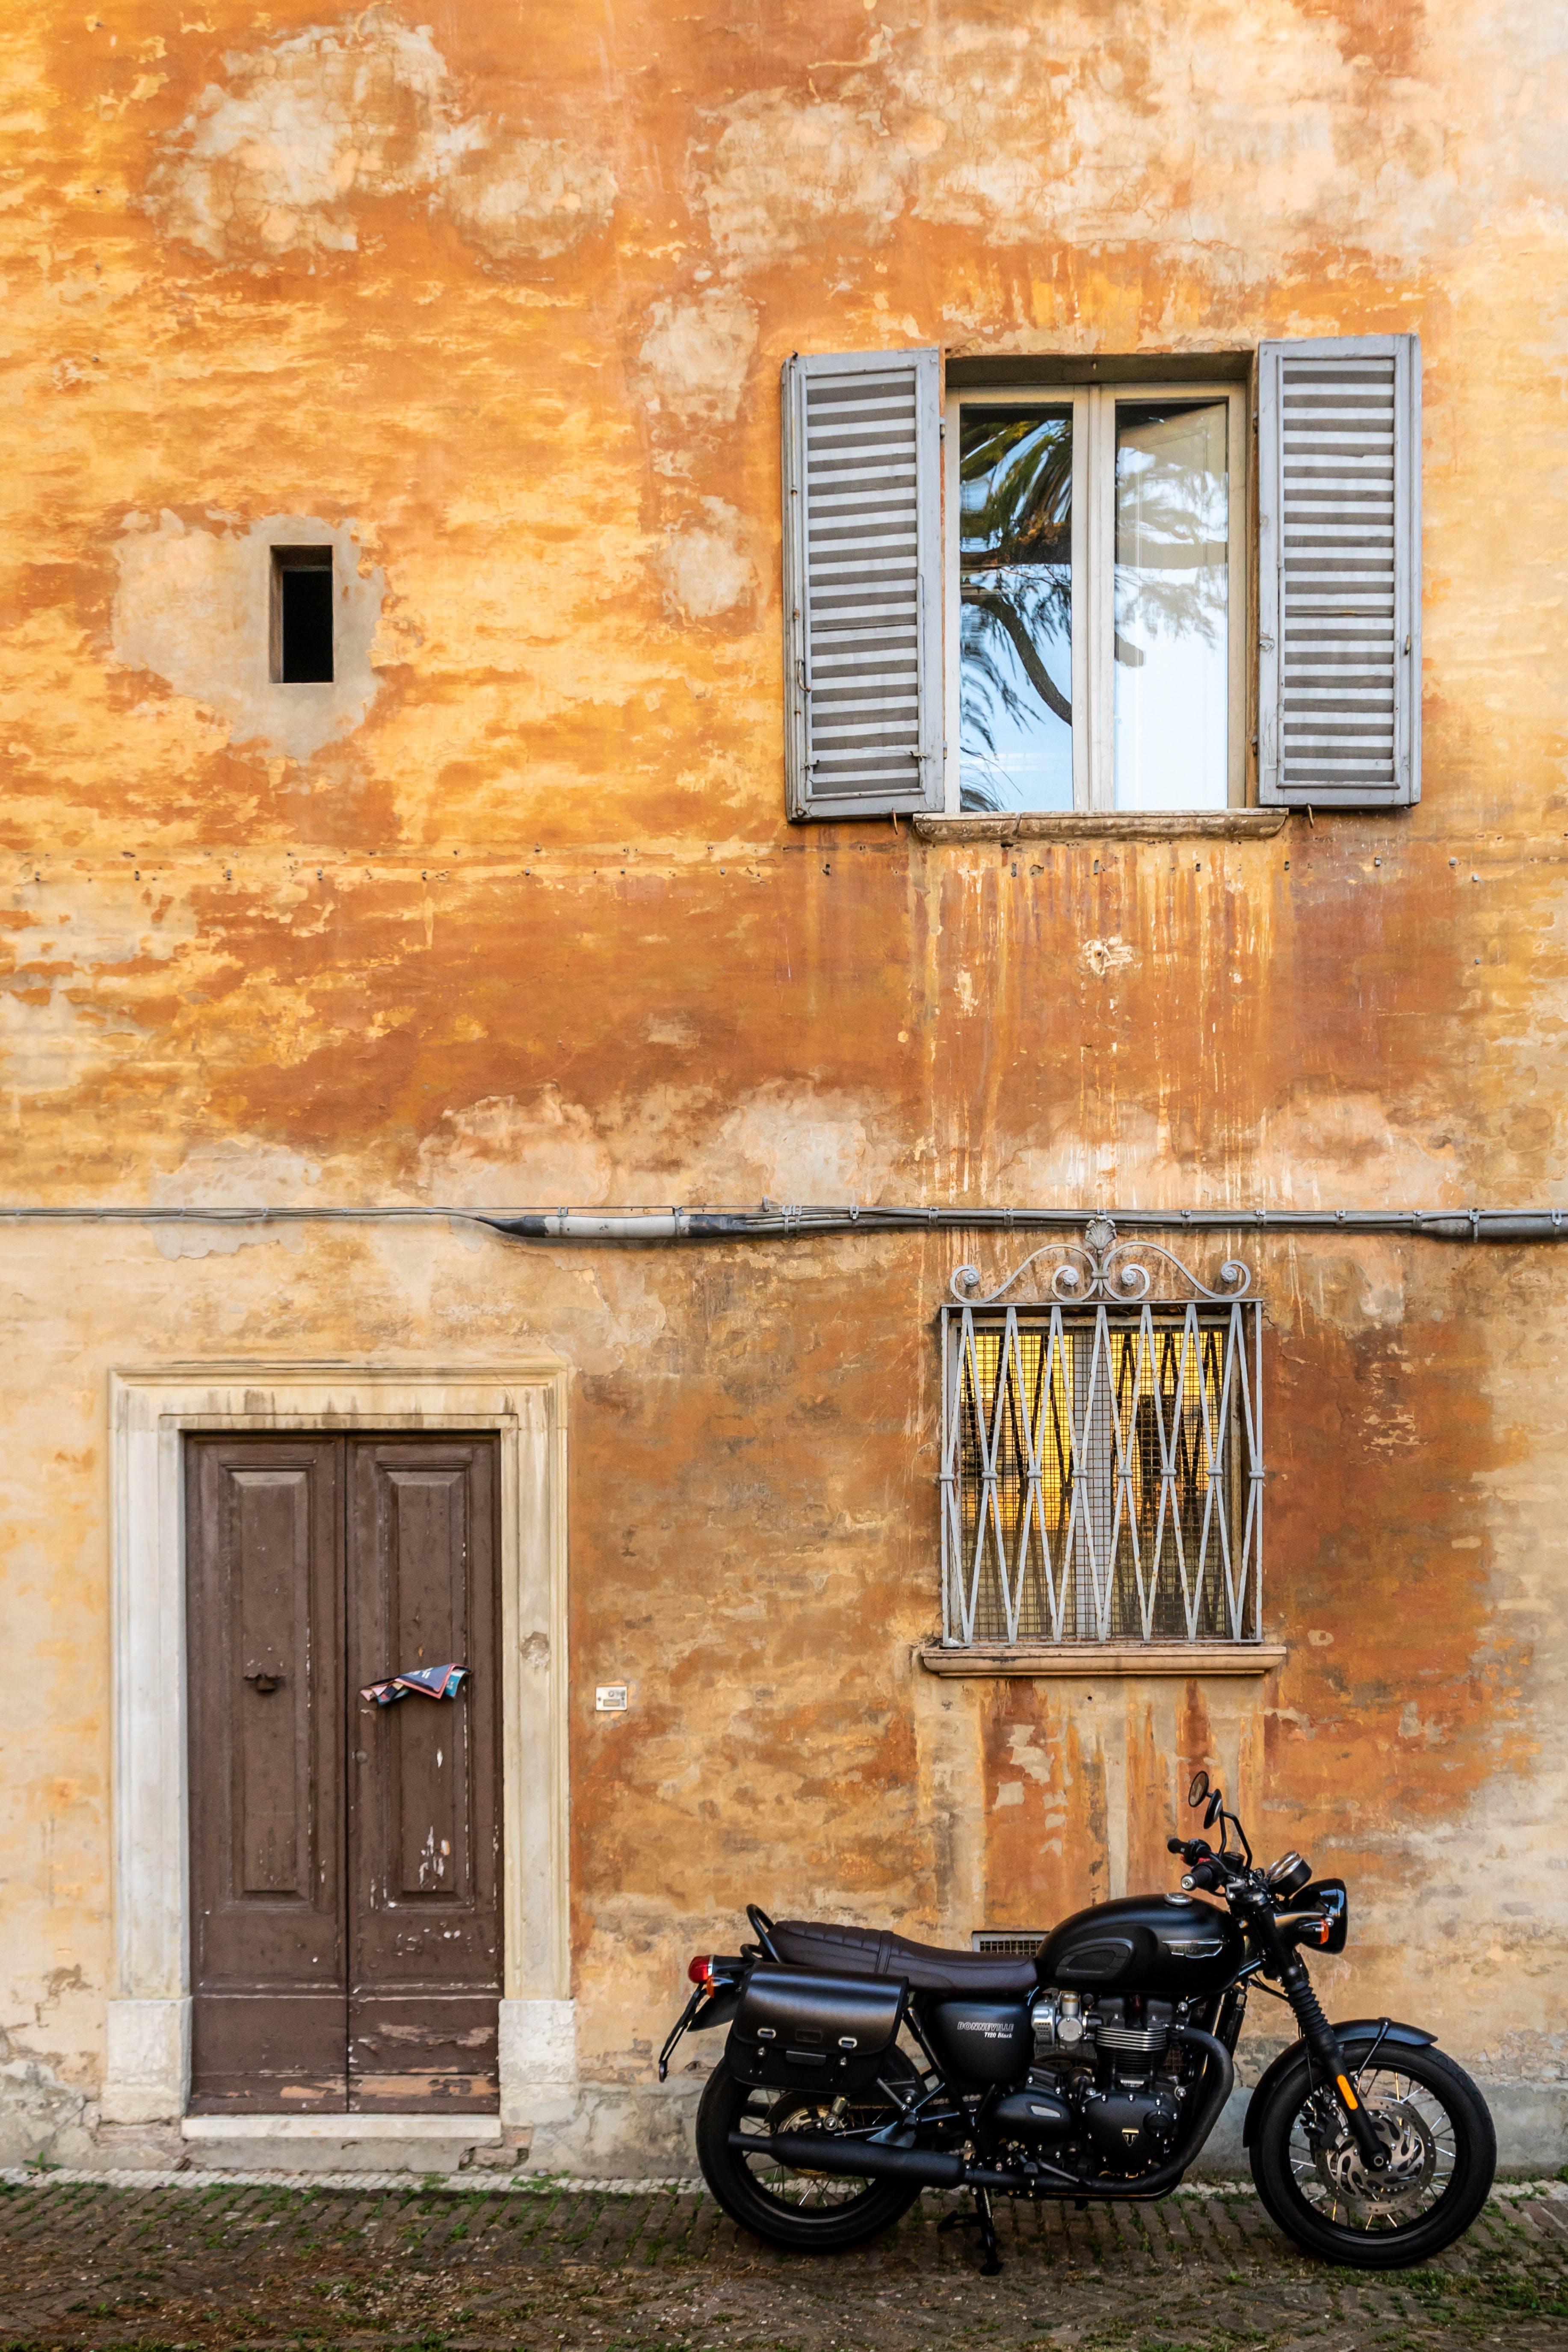 Gratis stockfoto met architectuur, binnenkomst, buitenkant, cafe racer